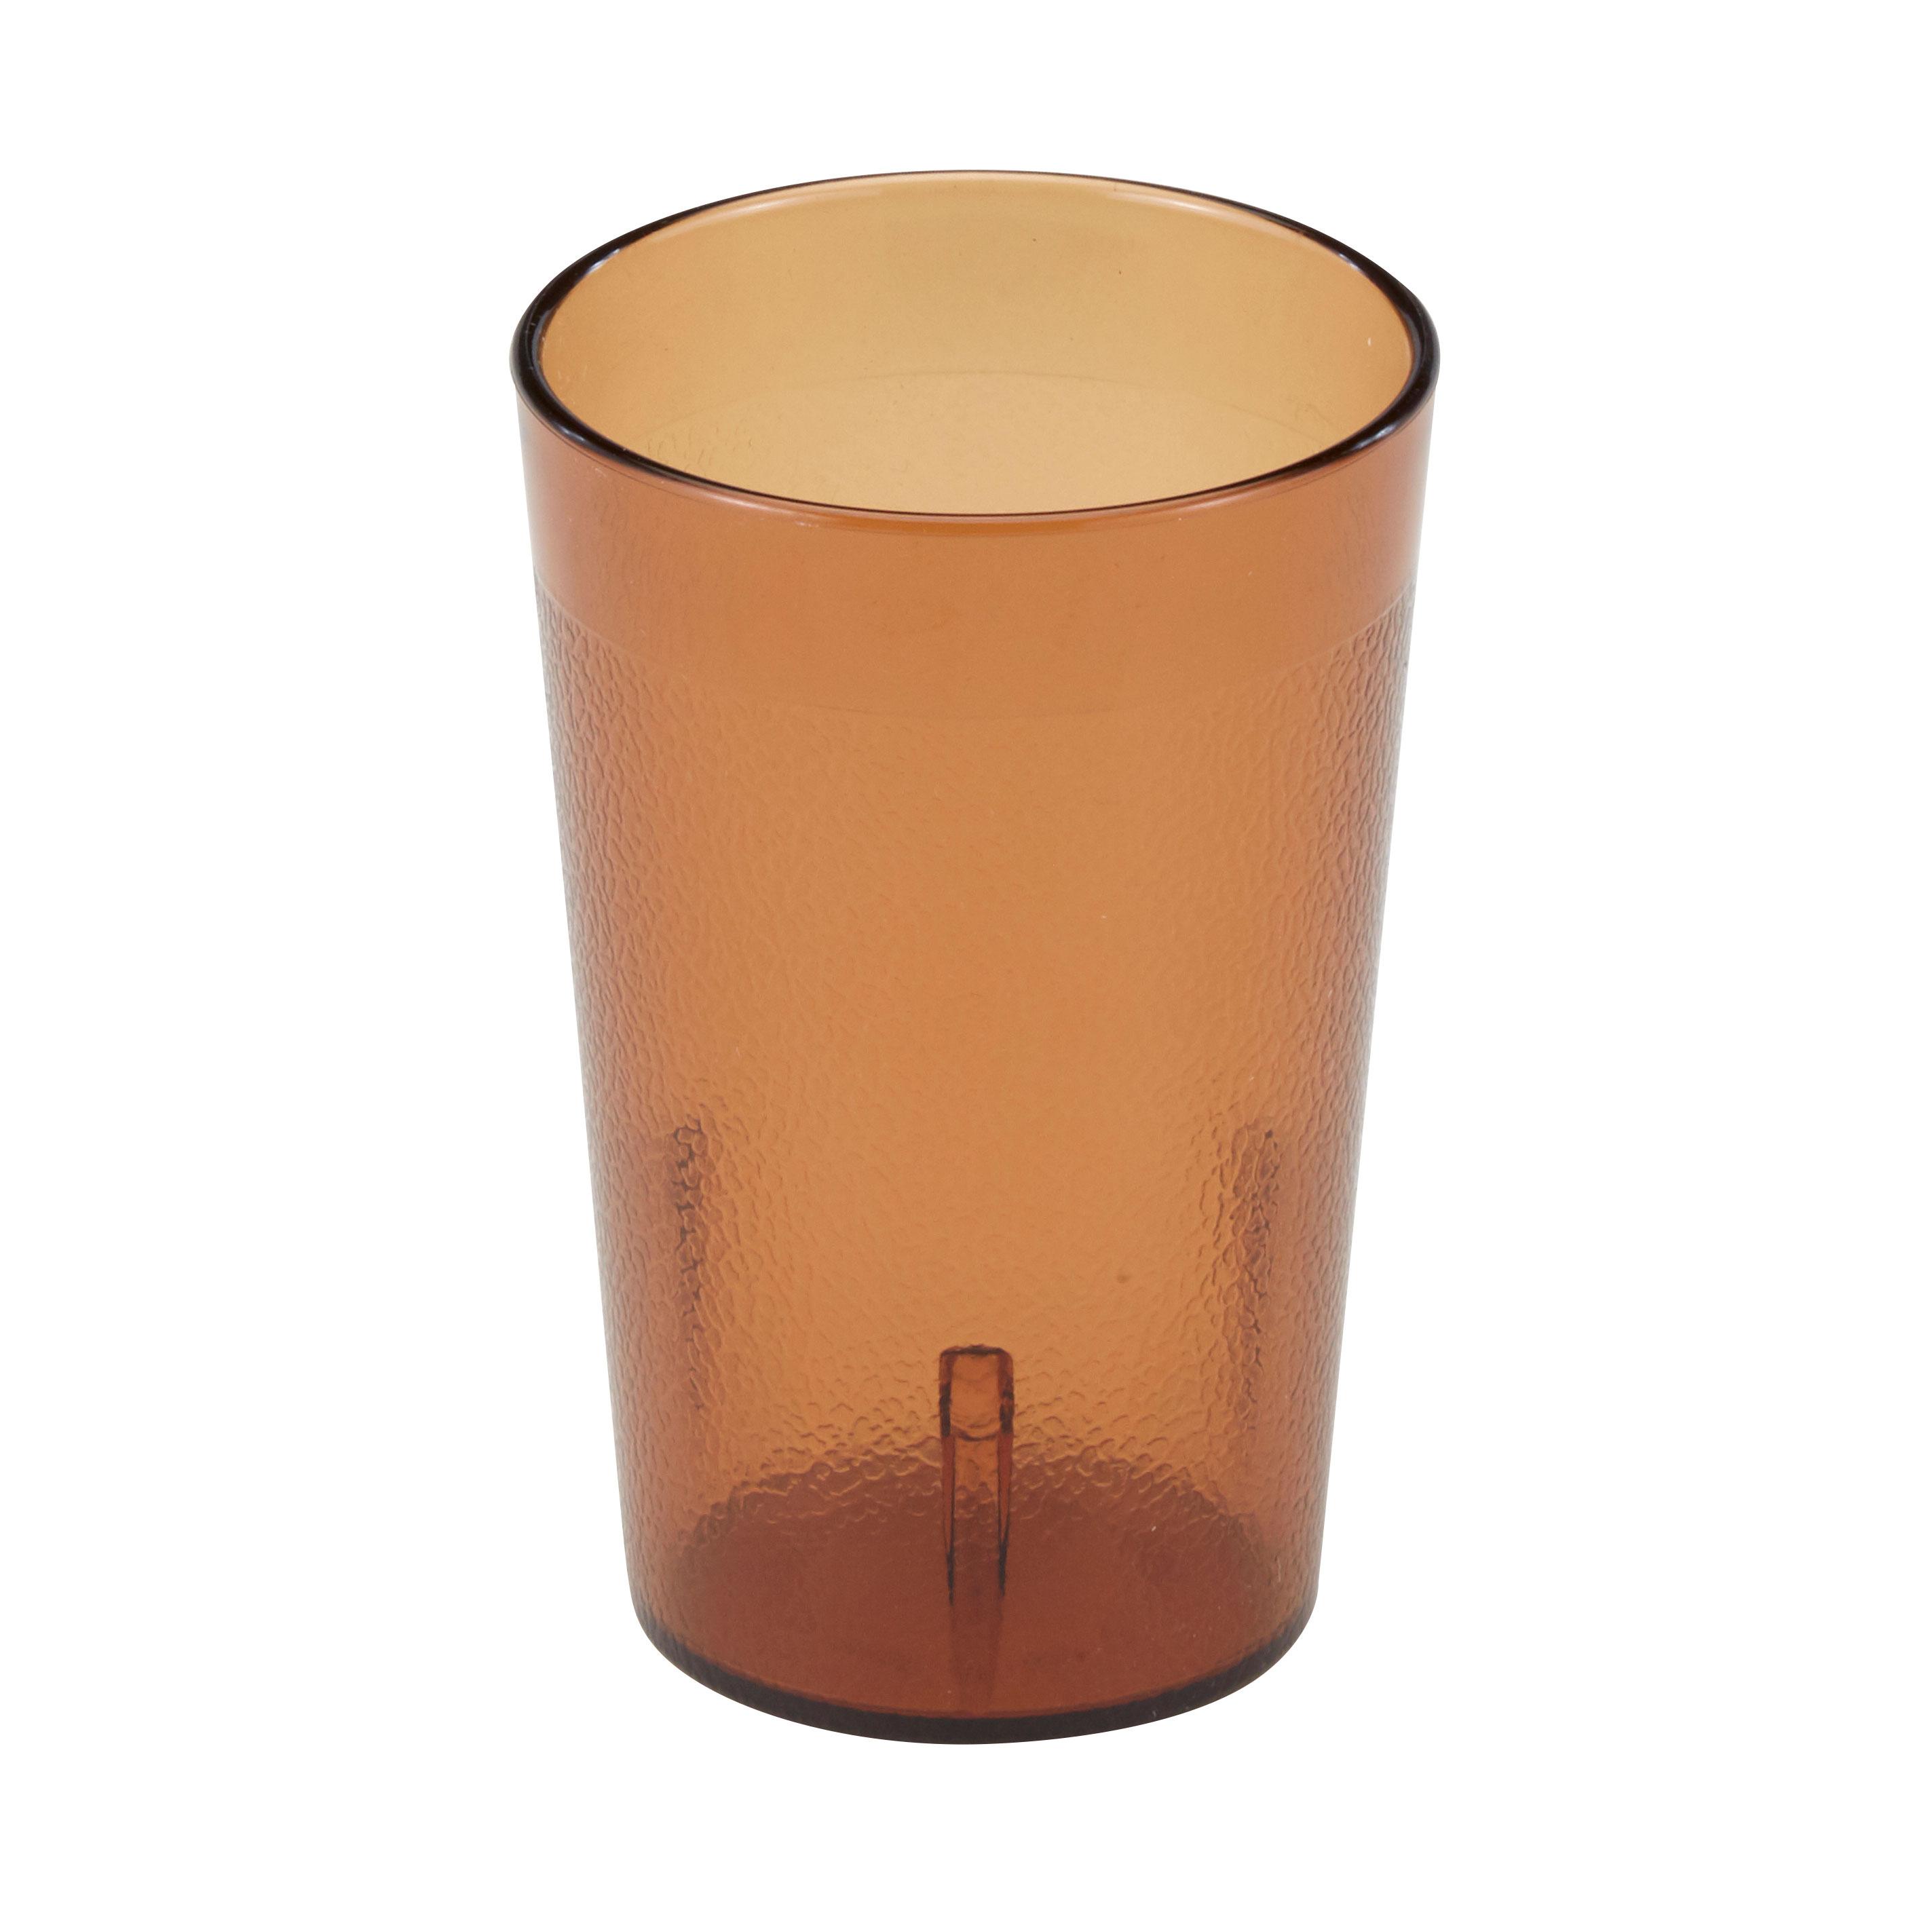 Cambro 500P2153 plastic drinkware